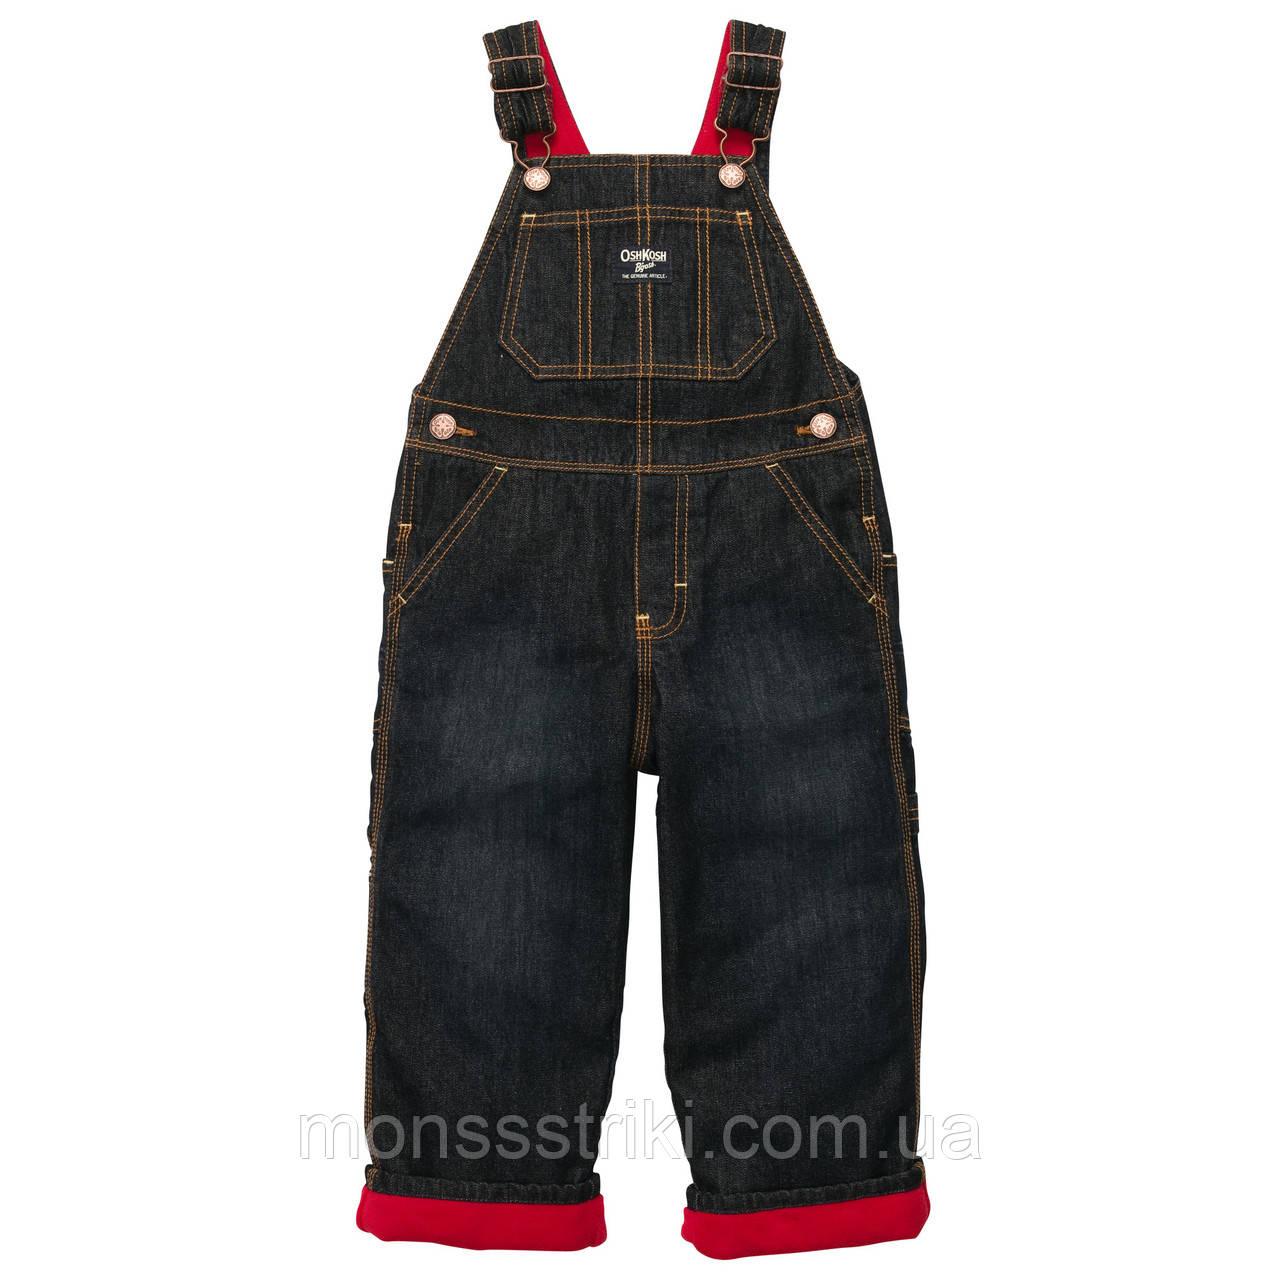 Детский джинсовый комбинезон для мальчика